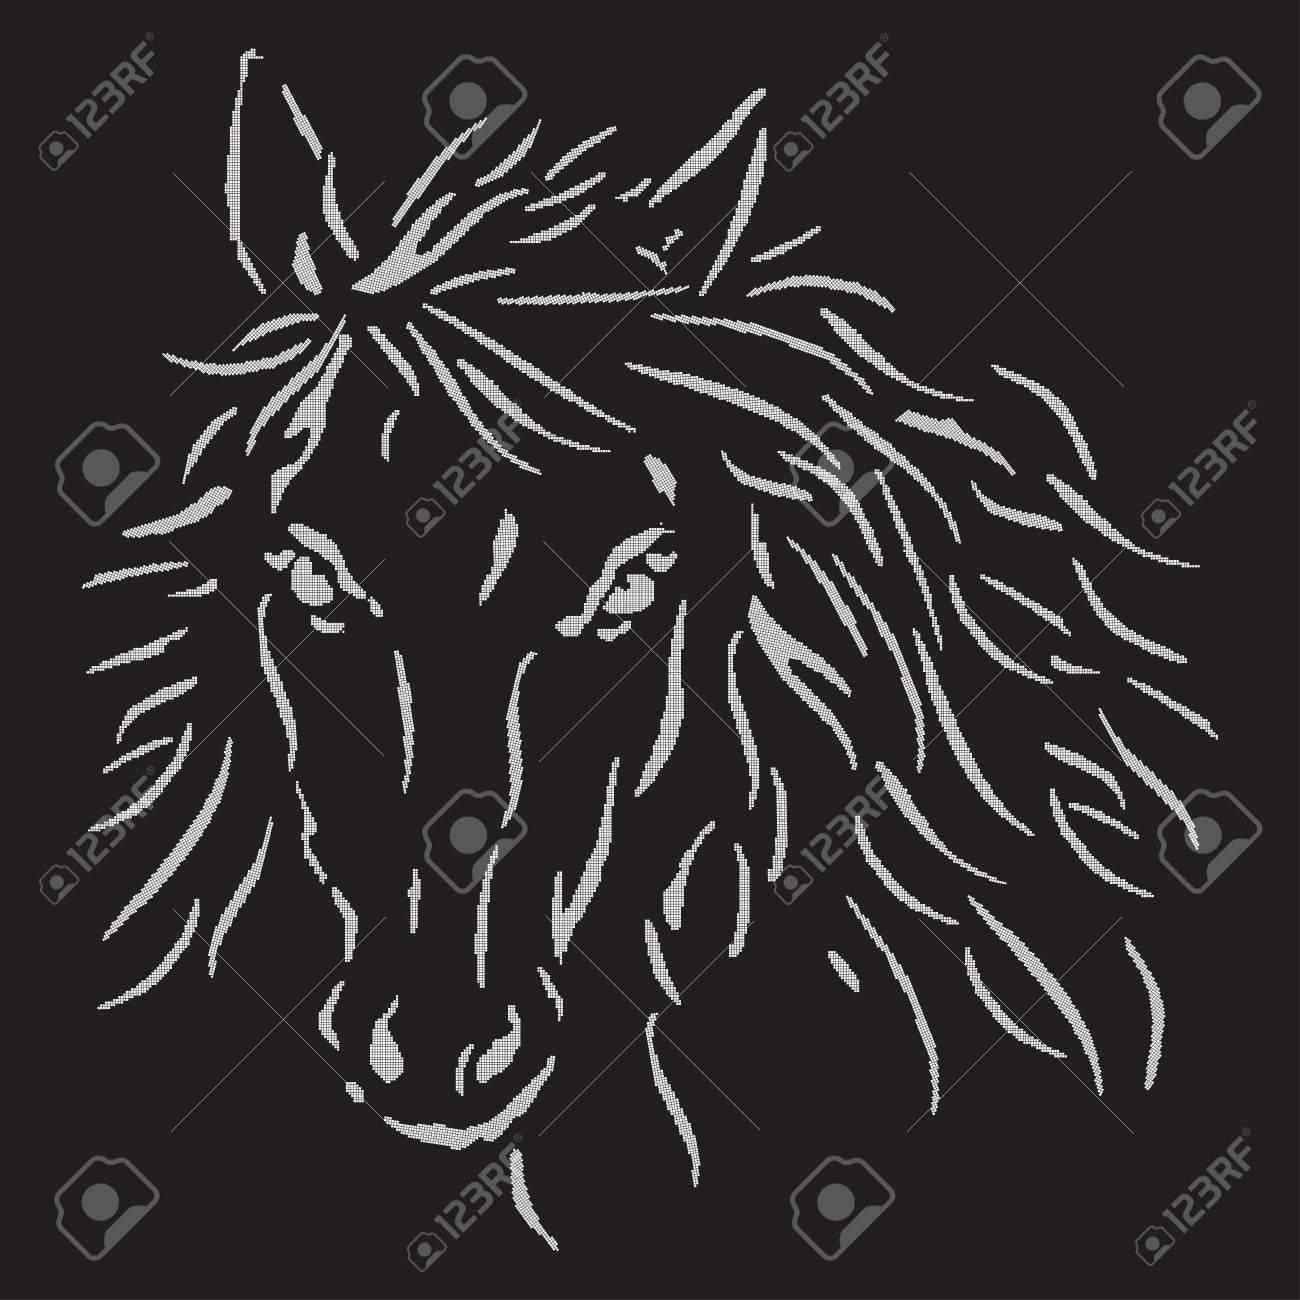 La Tête Du Cheval Blanc Sur Un Fond Noir Art De Pixel Monochrome Cheval Logo Panneau Polo Illustration Vectorielle